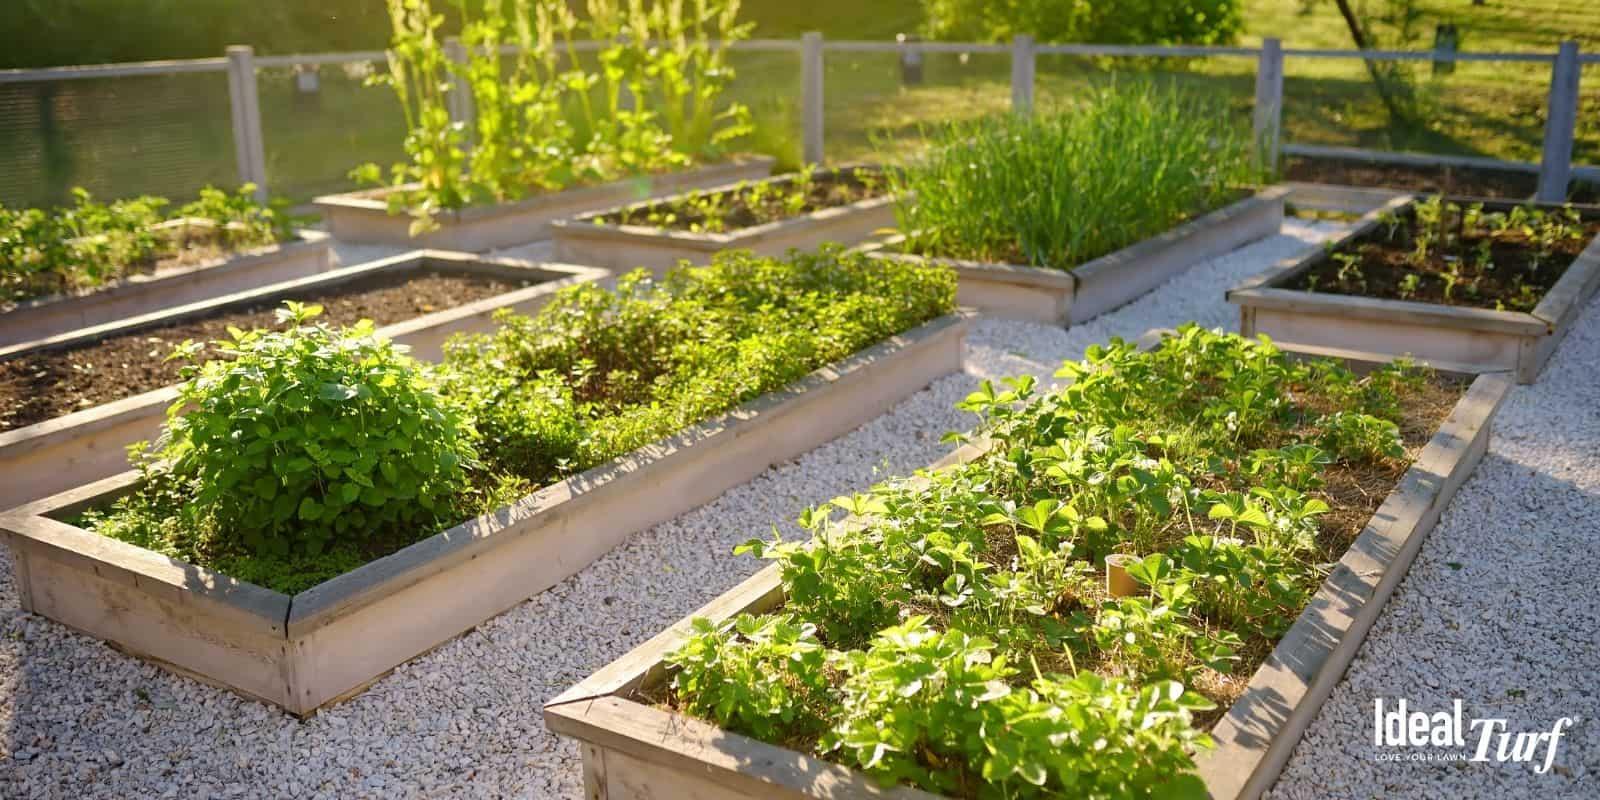 Plant a Veggie Garden